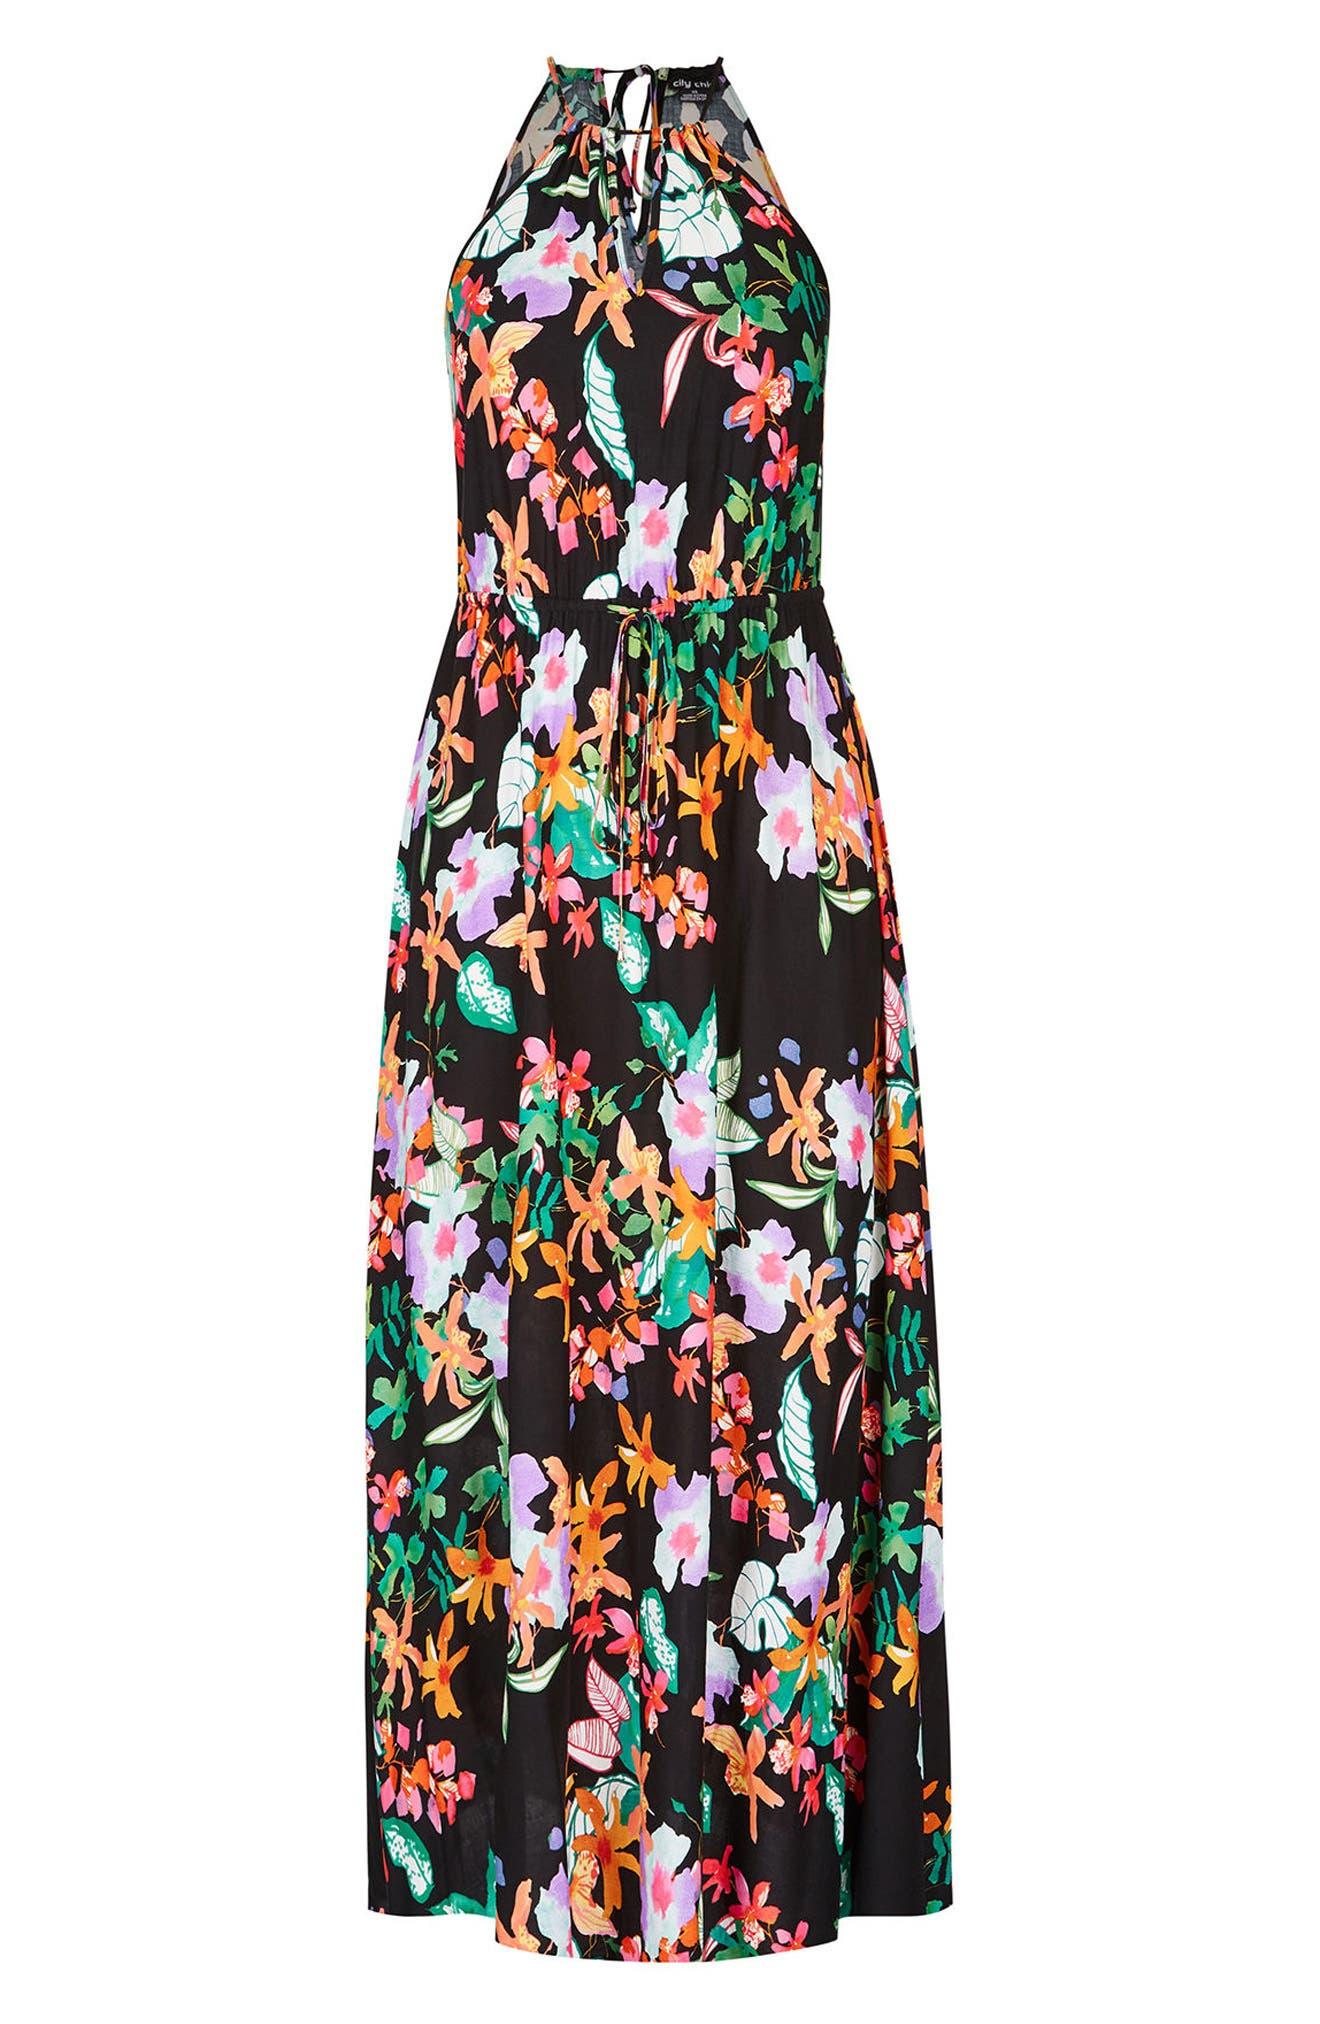 Molokai Floral Maxi Dress,                             Alternate thumbnail 3, color,                             MOLOKAI FLORAL